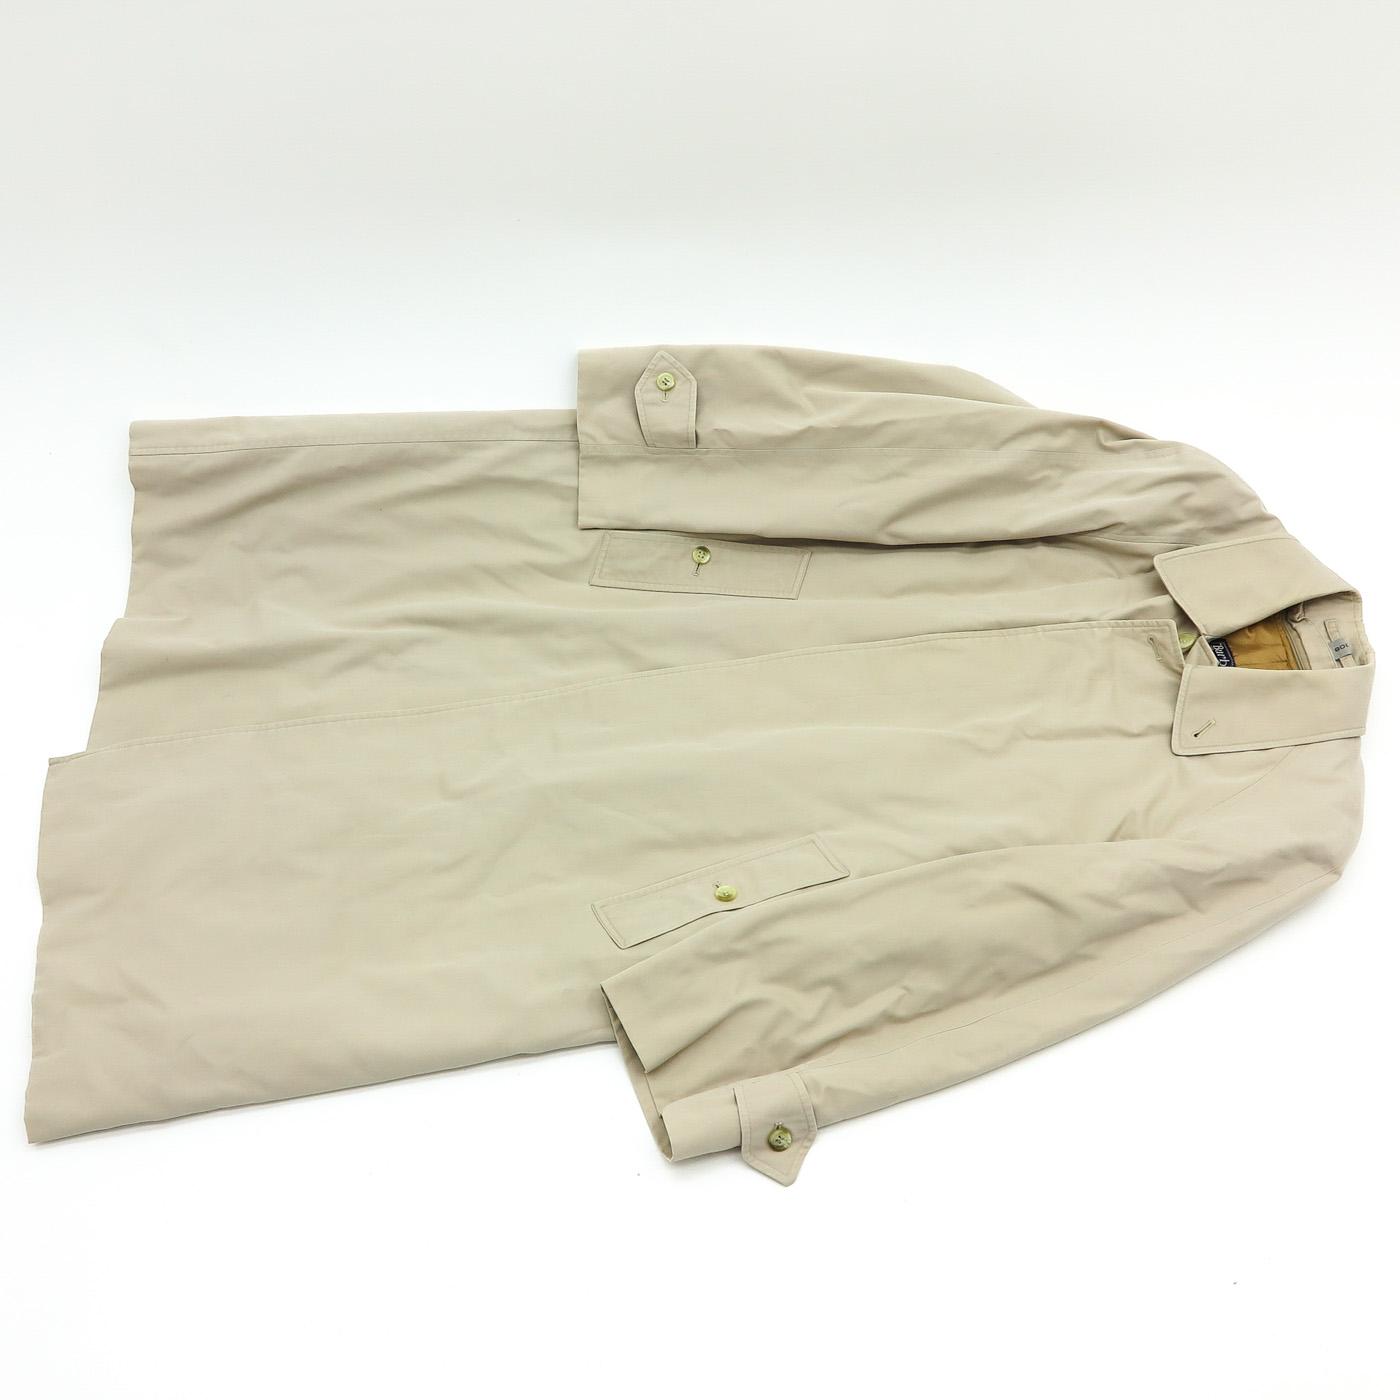 Lot 1028 - A Burberrys Raincoat